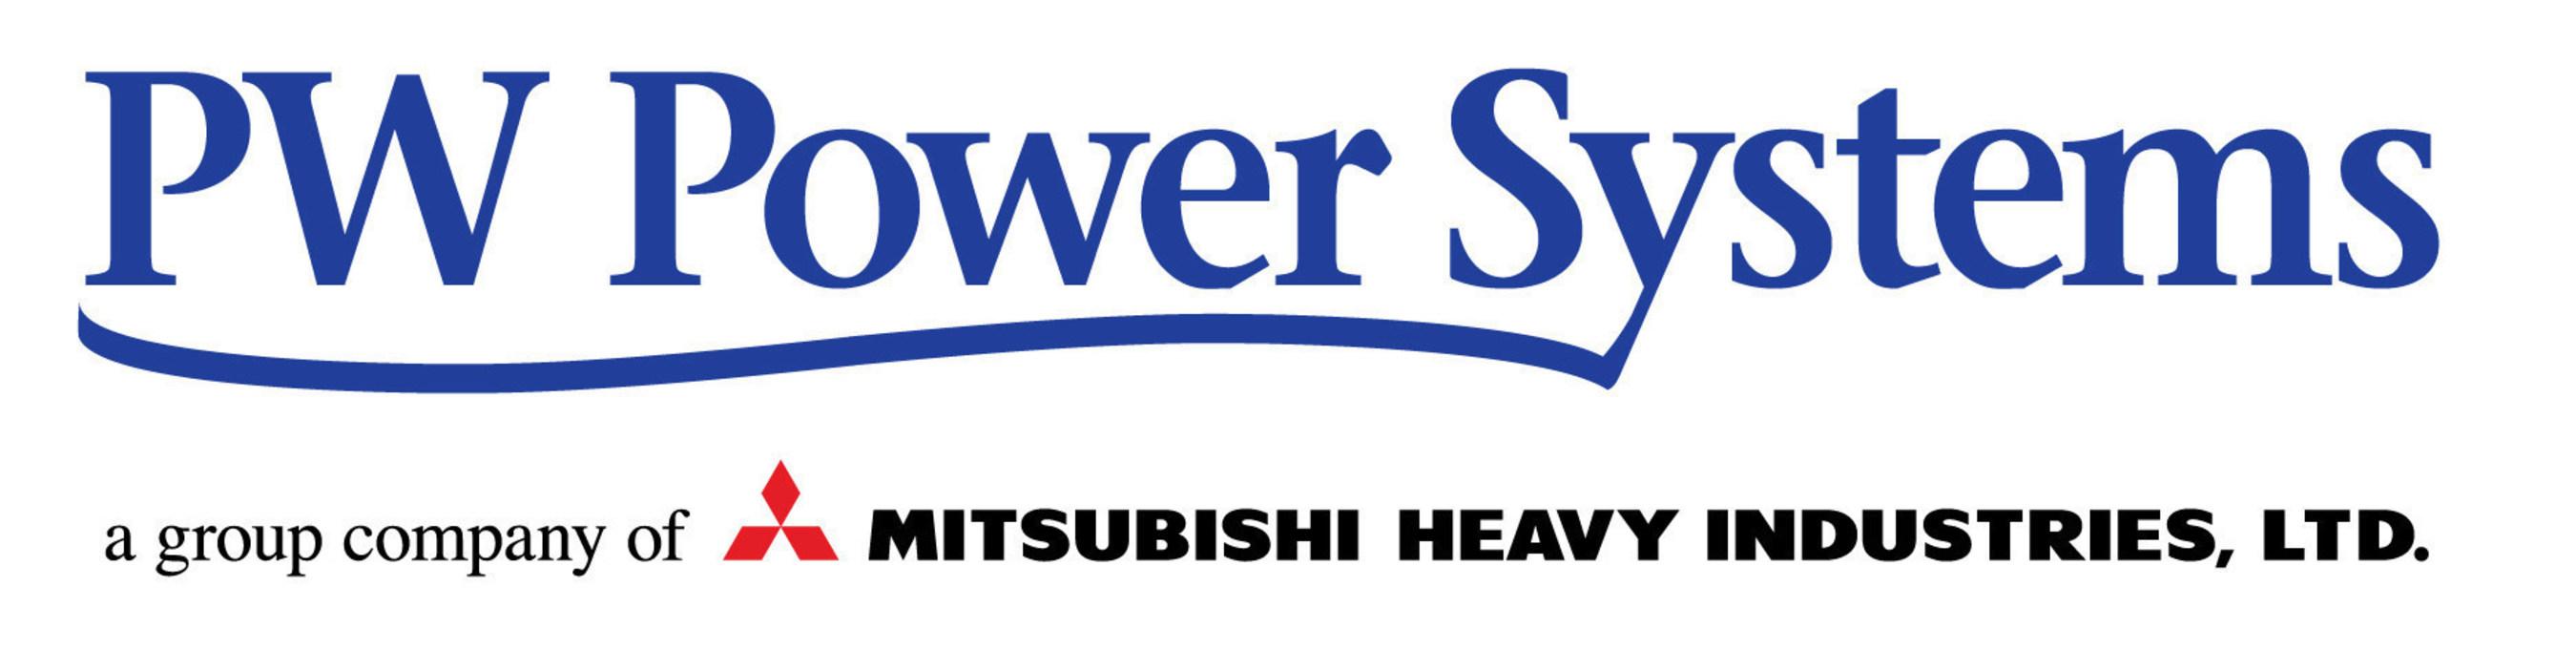 PW Power Systems annonce la réussite de son opération commerciale autour de générateurs à turbines